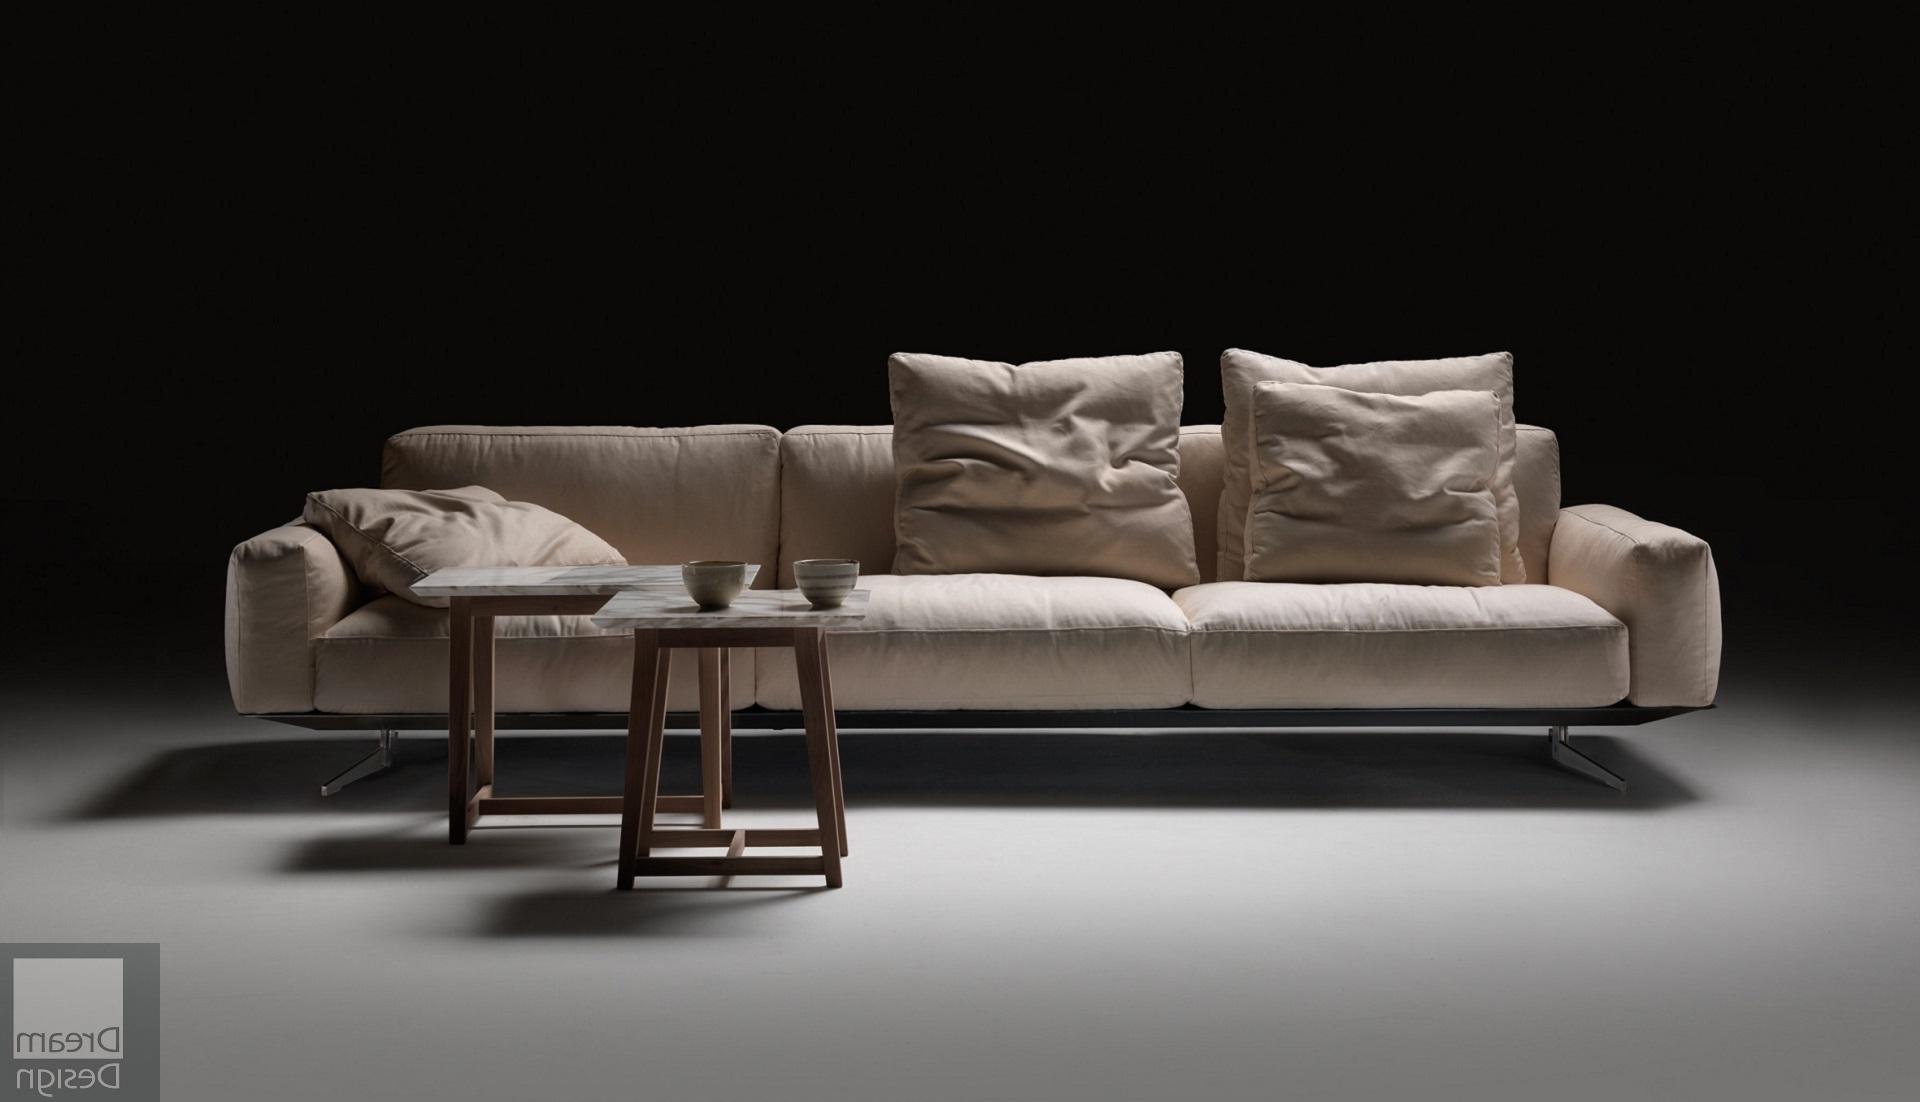 2019 Dream Navy 2 Piece Modular Sofas Throughout Flexform Soft Dream Modular Sofa – Dream Design Interiors Ltd (View 19 of 20)